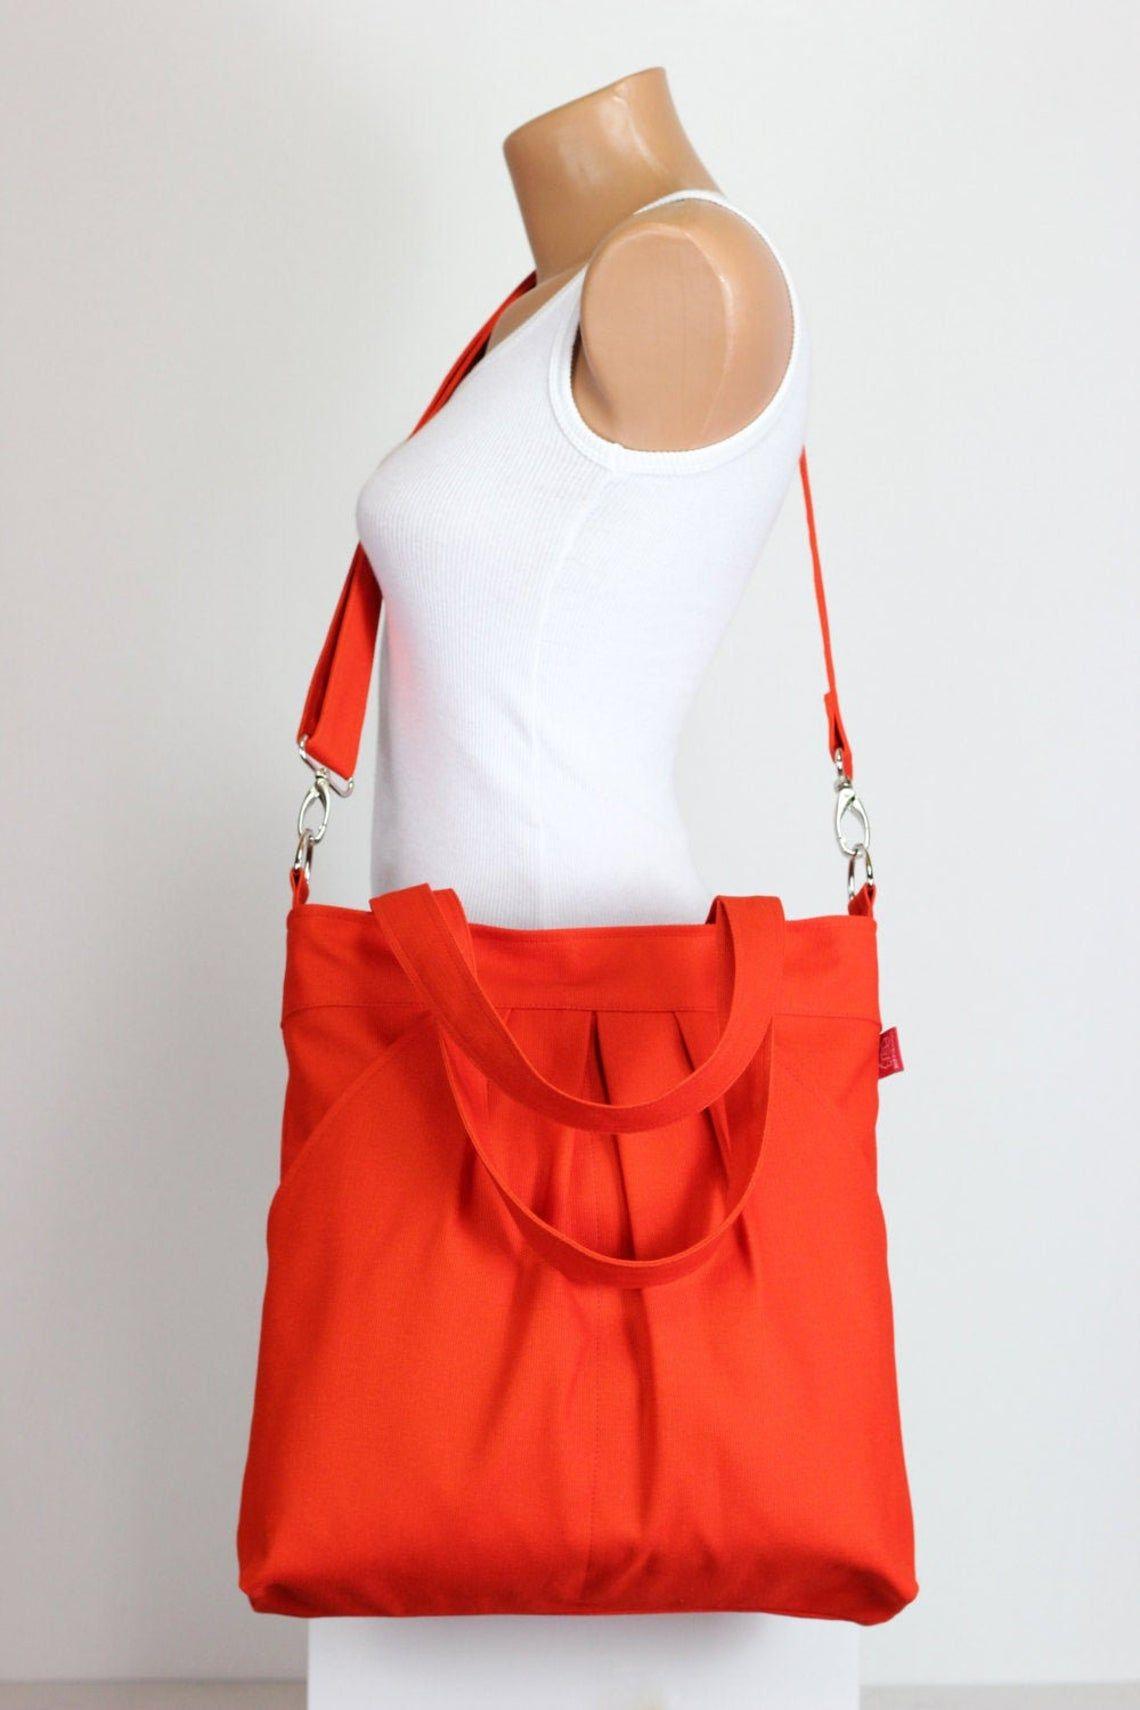 girls gift Orange canvas shoulder bag messenger bag men crossbody bag satchel travel bag hobo bag market tote bag laptop purse diaper bag